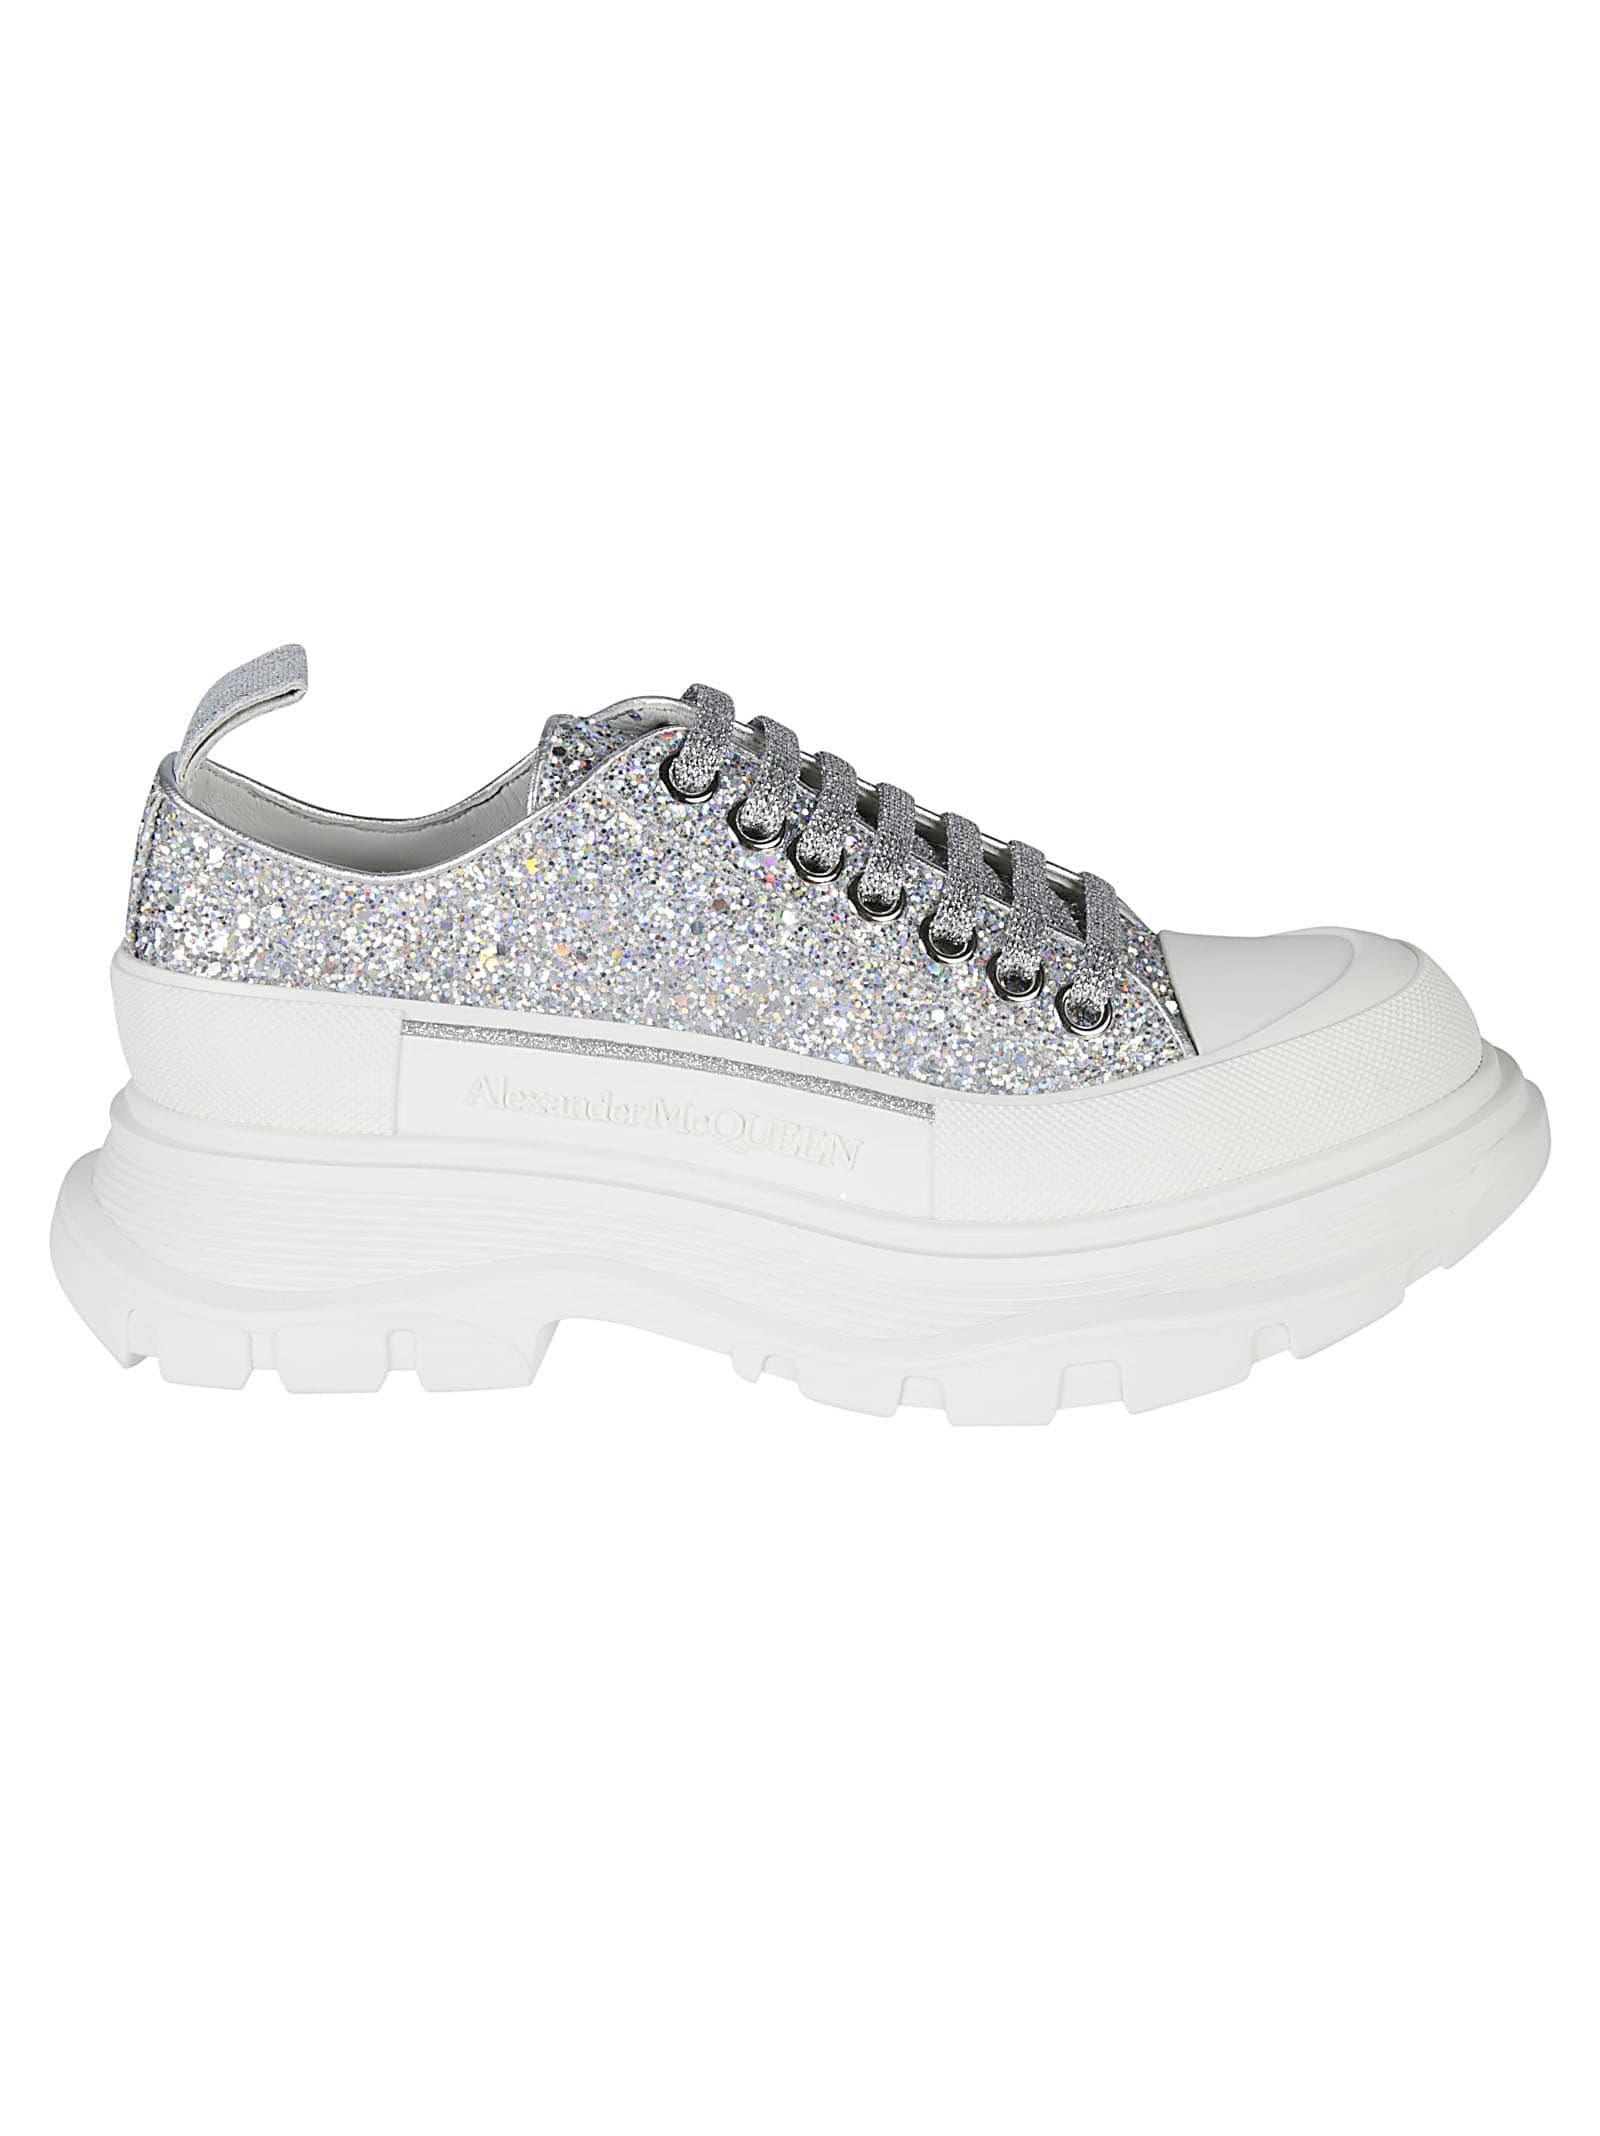 Alexander McQueen Embossed Logo Glitter Applique Sneakers